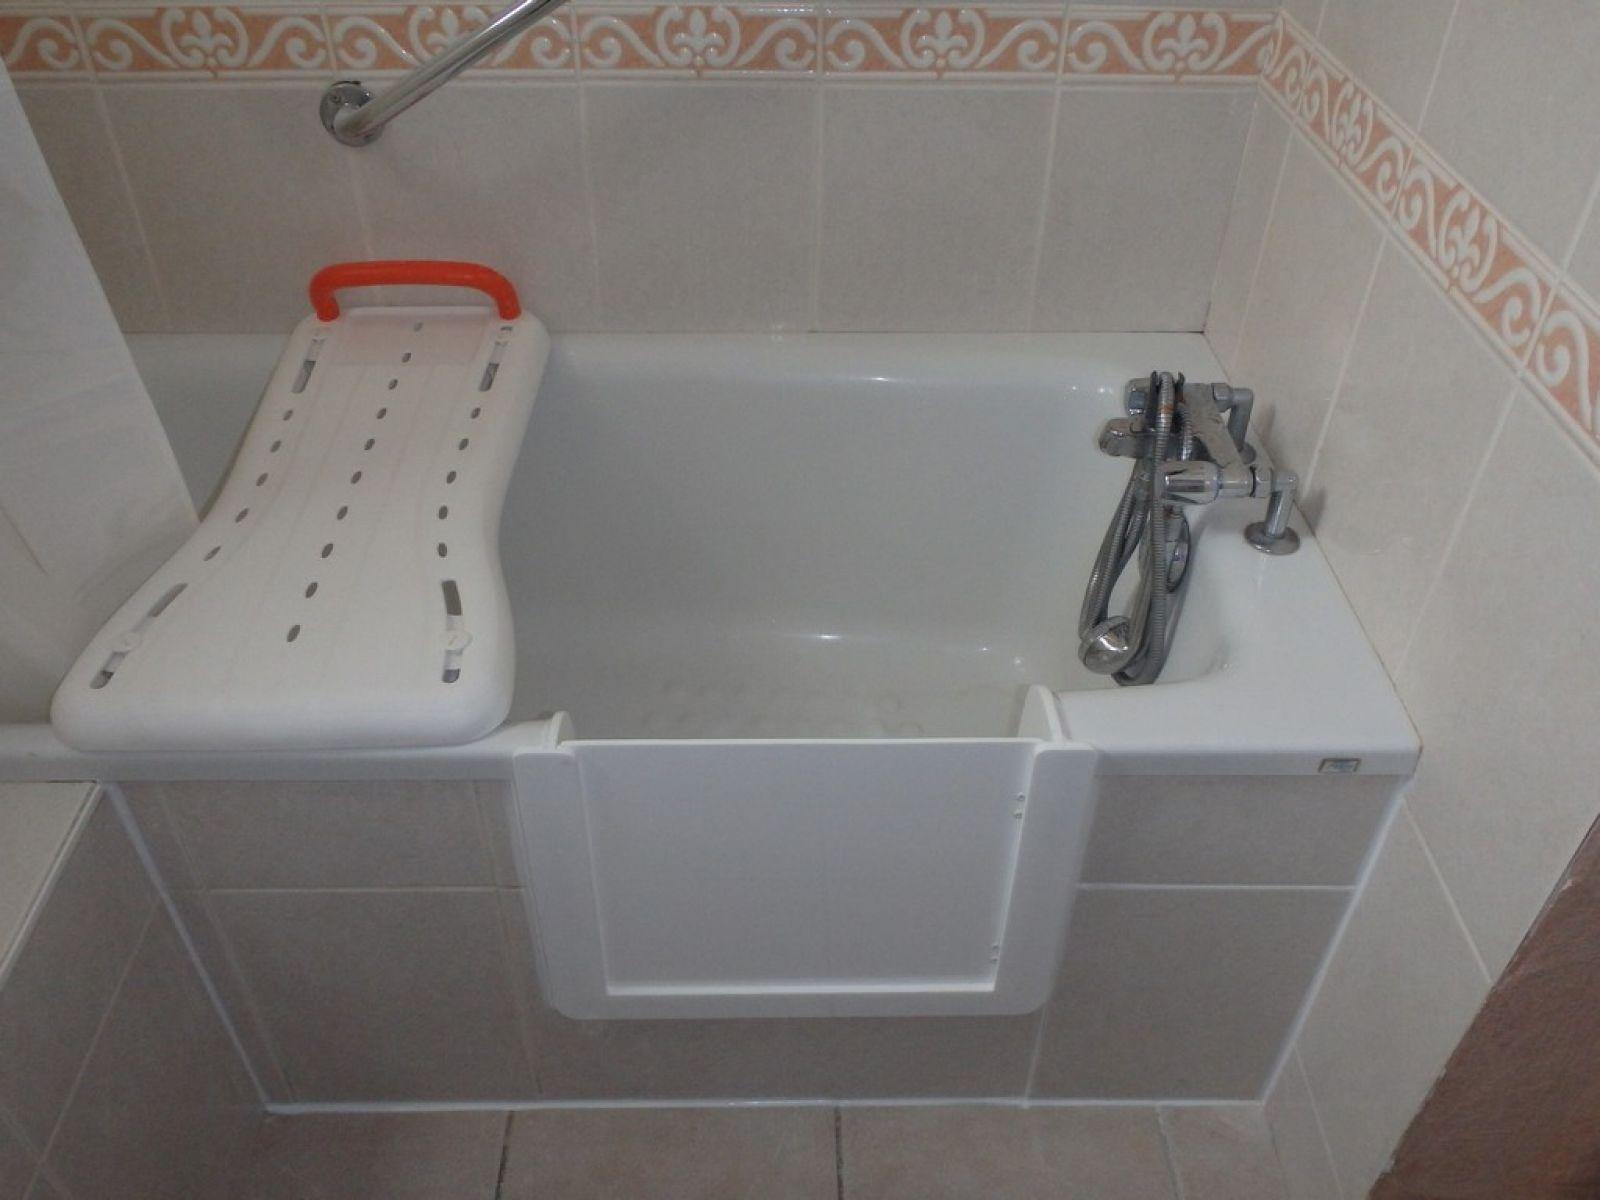 d coupe de baignoire avec portillon anti eclaboussure sur. Black Bedroom Furniture Sets. Home Design Ideas